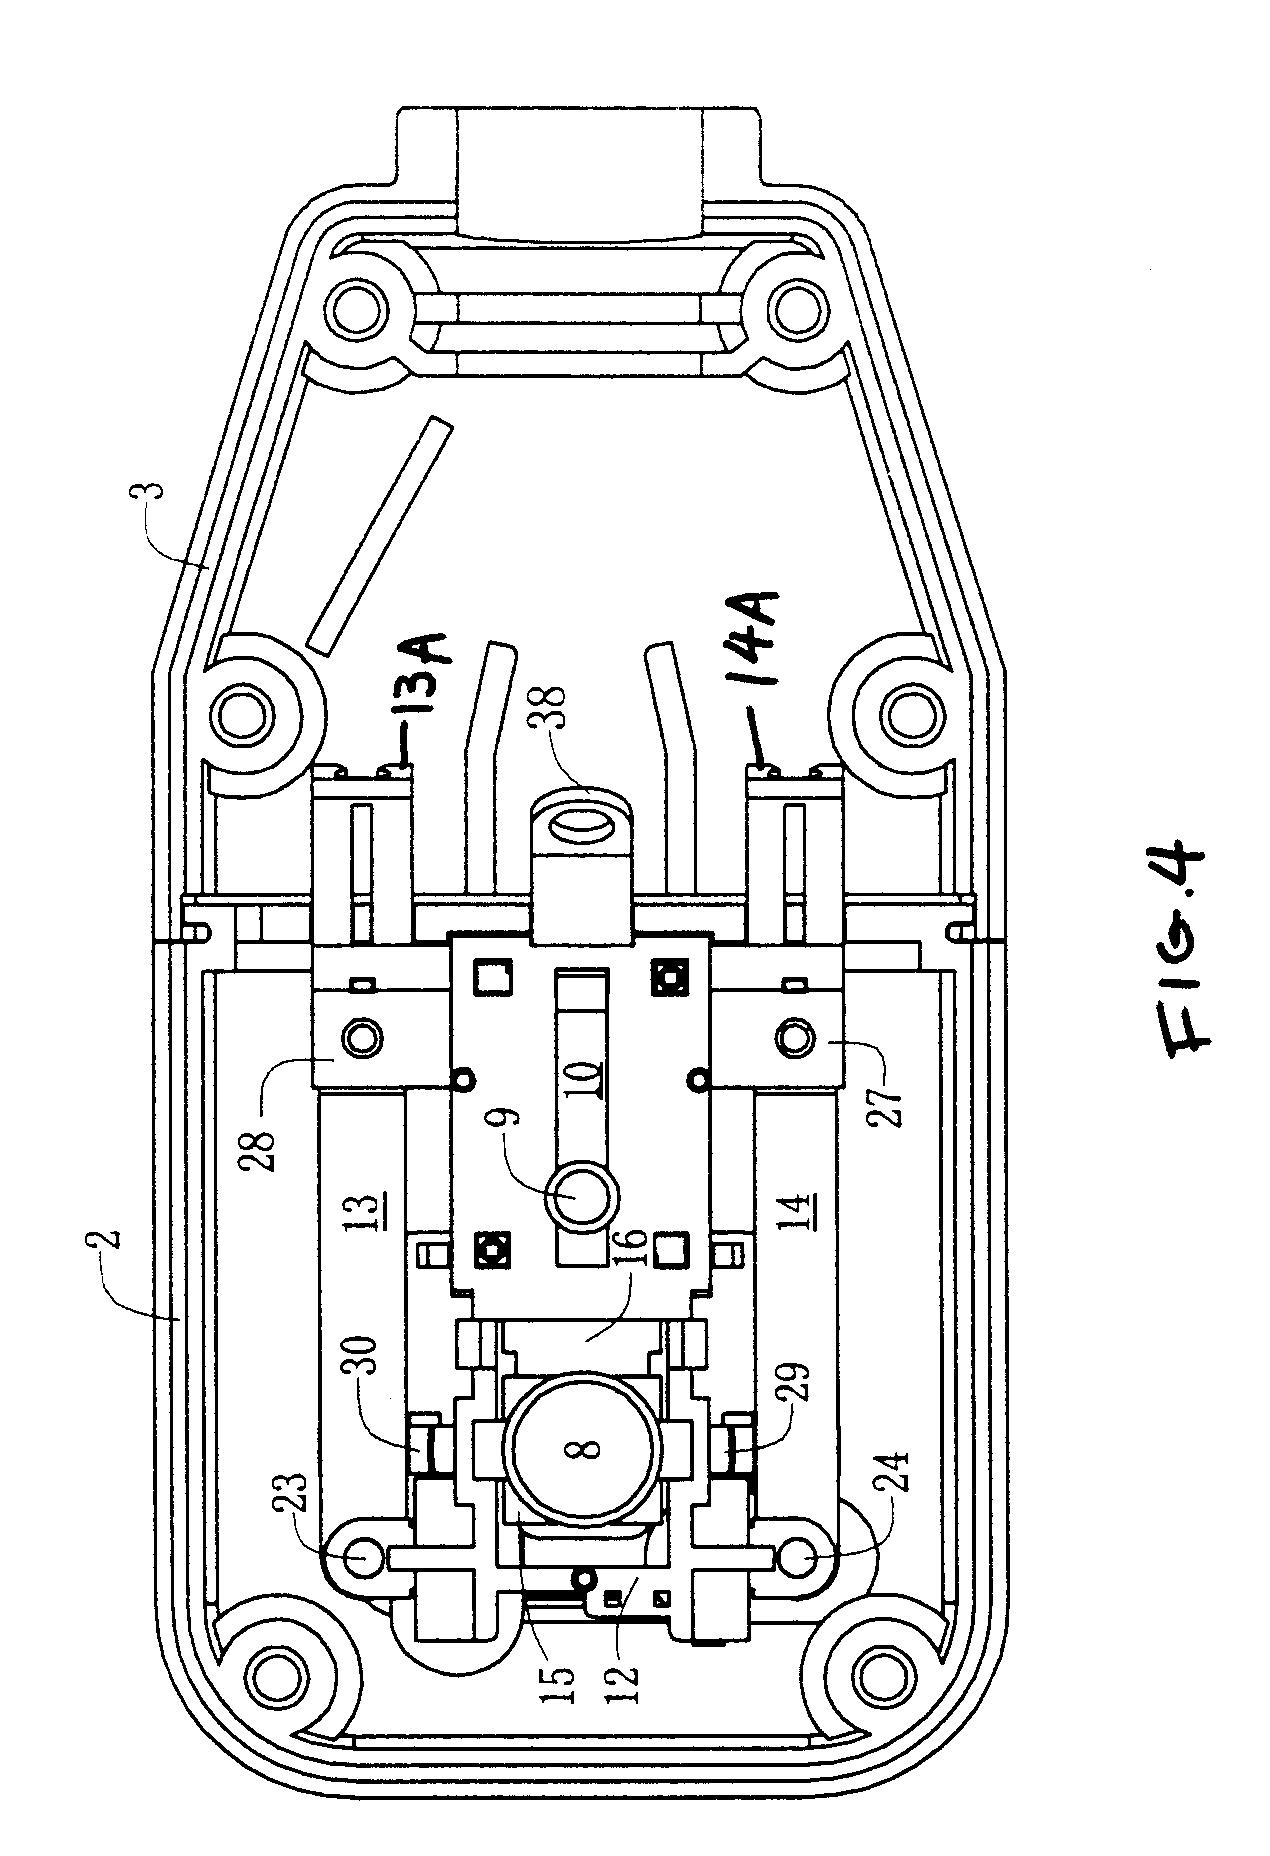 patent us7672098